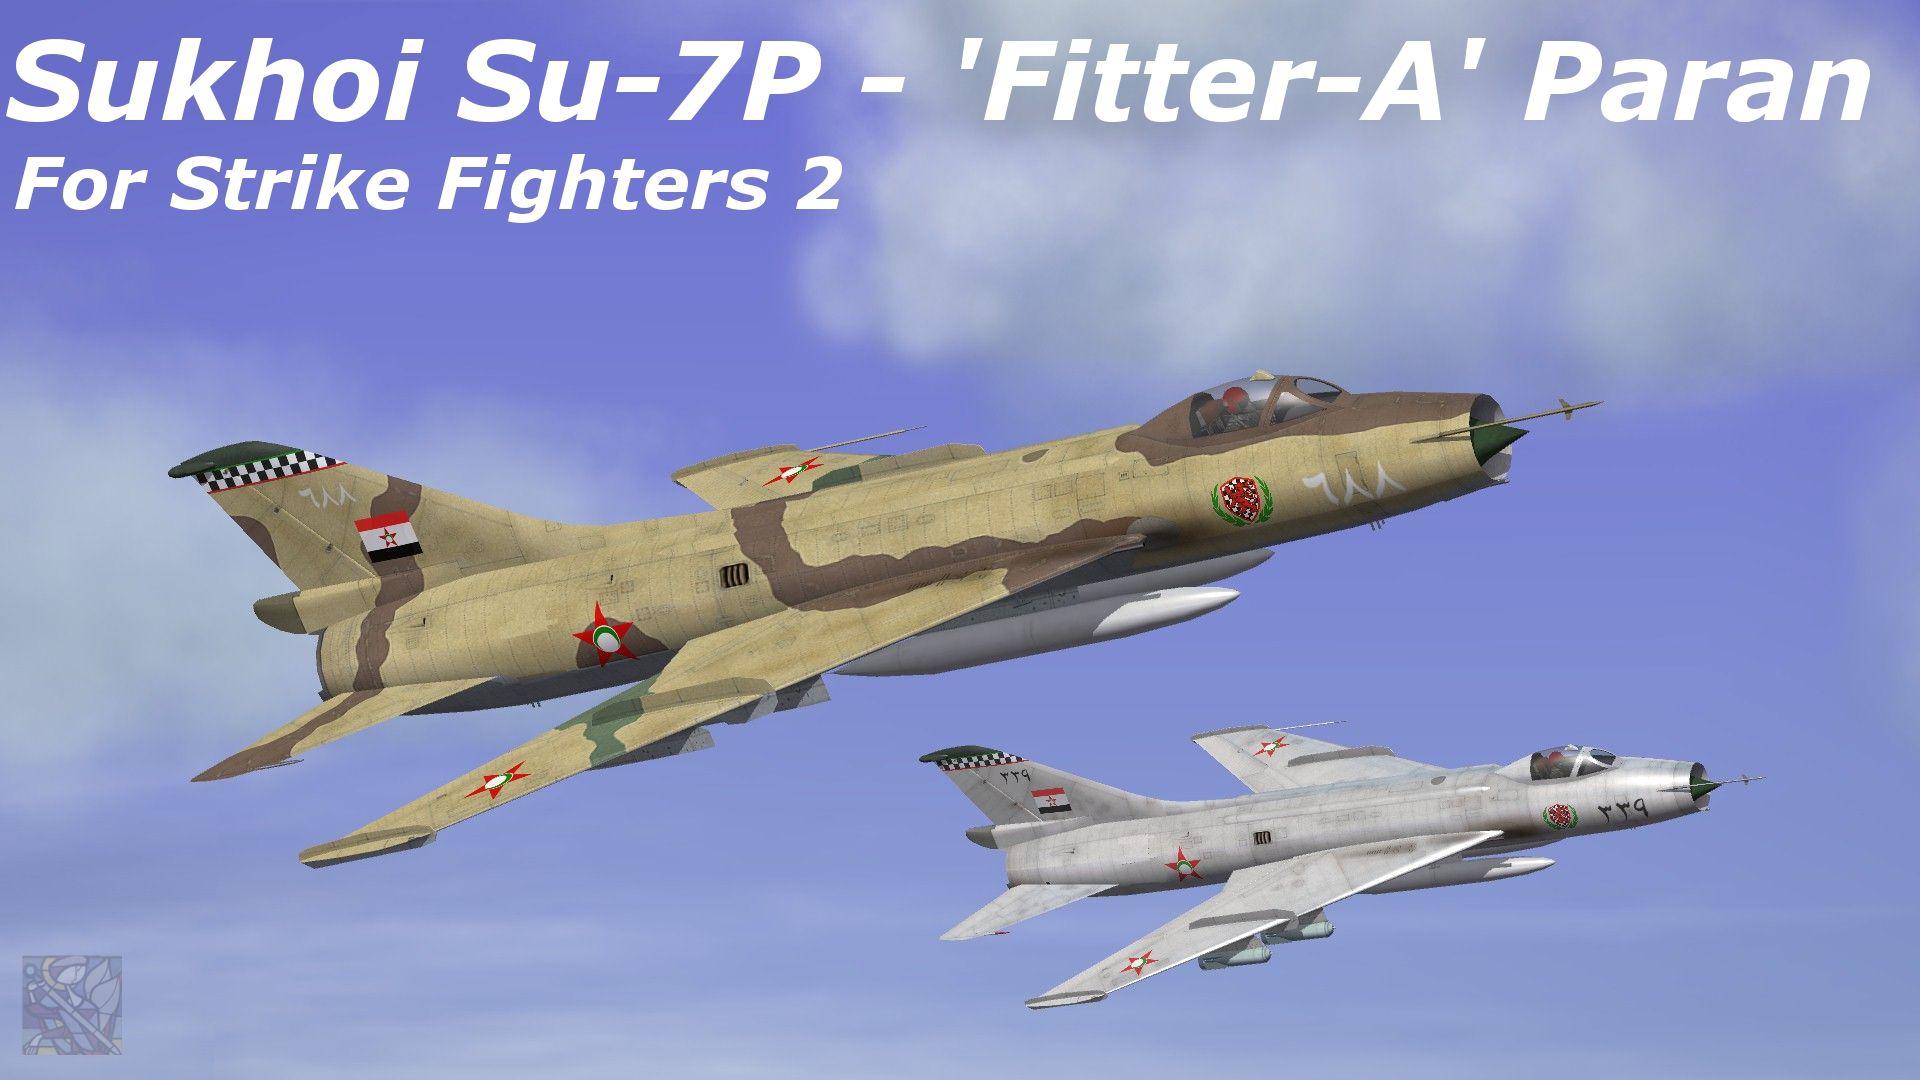 SU-7P_LOADING_zps47773aca.jpg